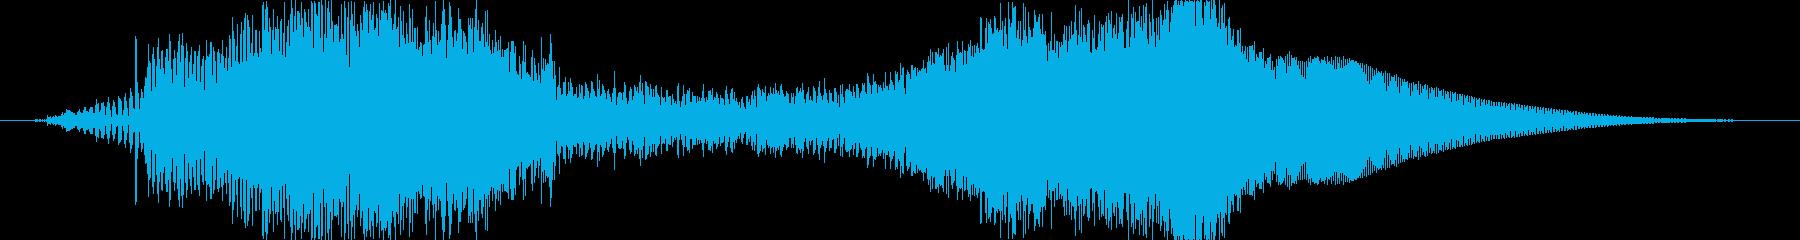 トランジション プロモーションパッド99の再生済みの波形